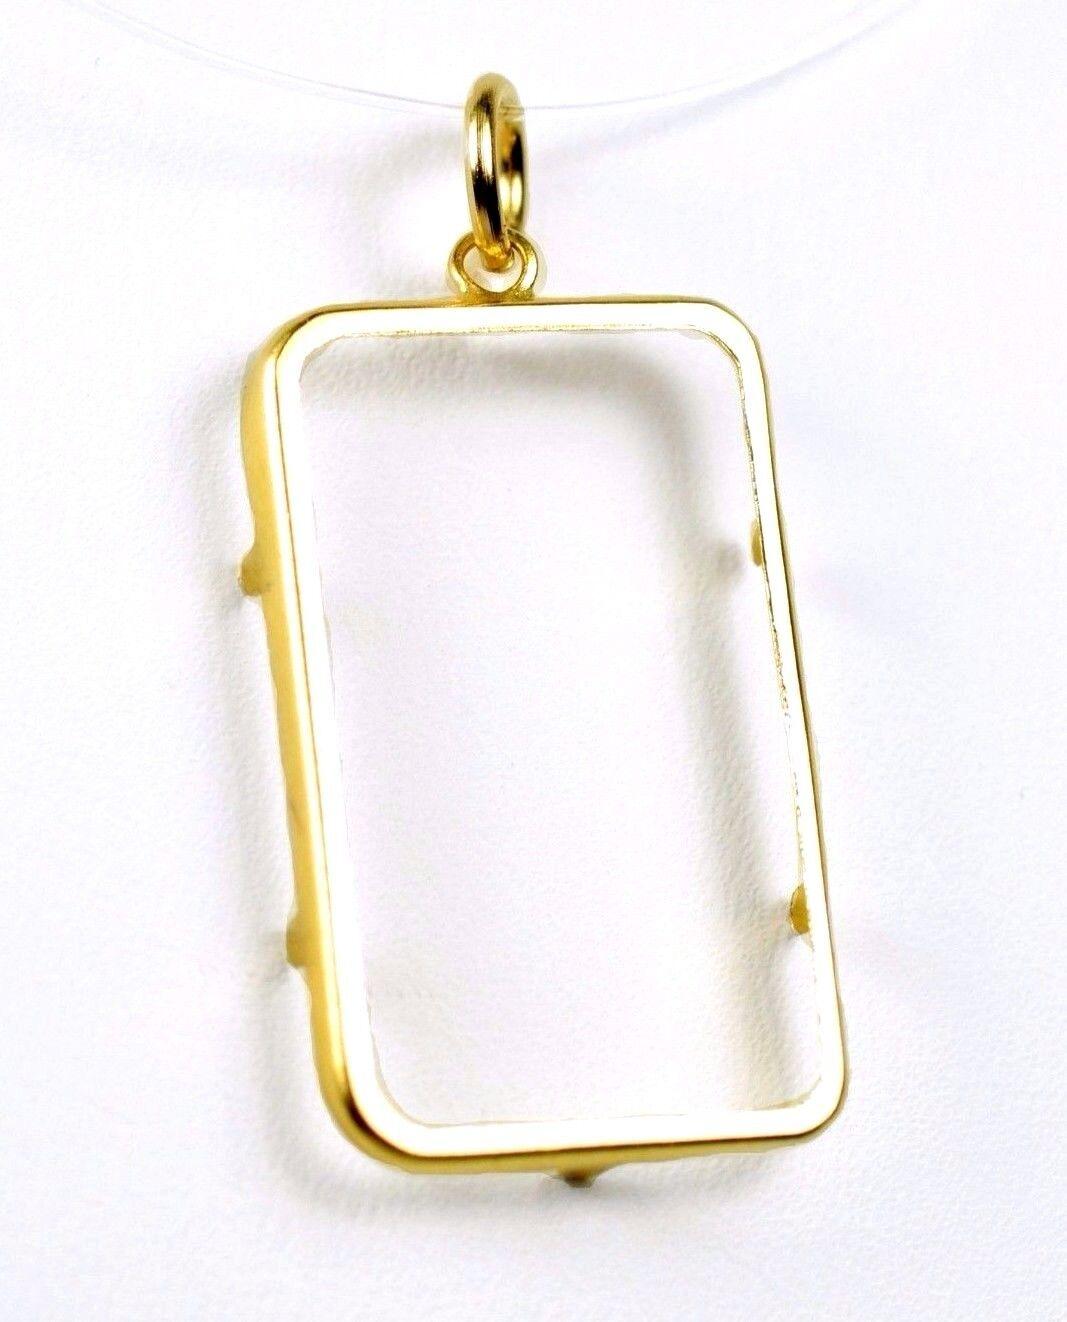 5 Gram 14k Yellow gold Pamp Suisse Bullion Bar Pendant Bezel Frame 24x14.5mm